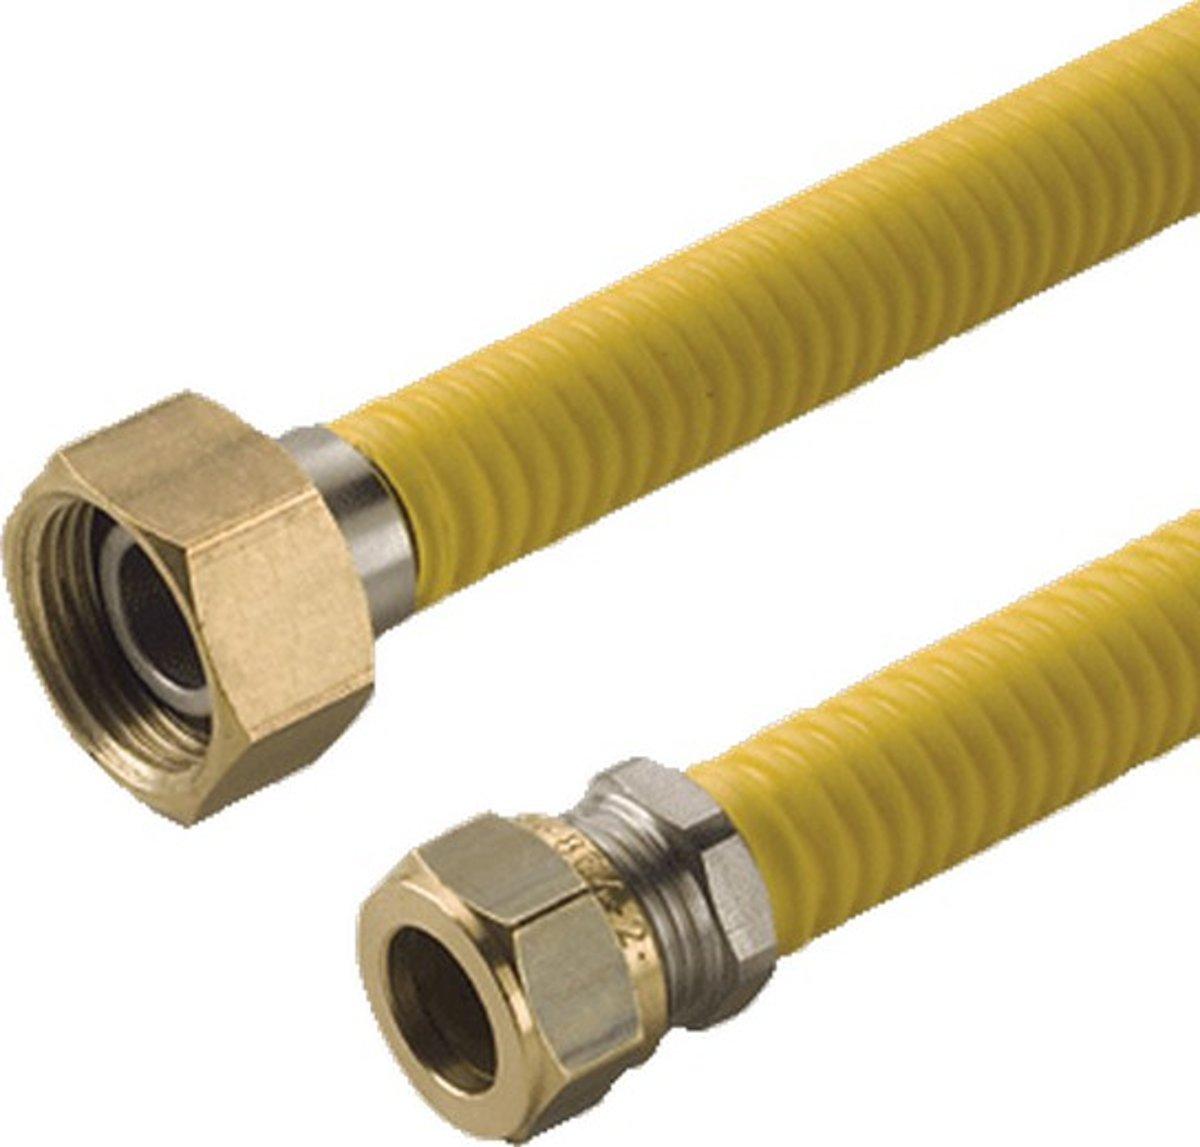 RAM gasslang Ketelflex, 3/4''x15mm, le 0.5m, slang RVS, wartelmoer kopen